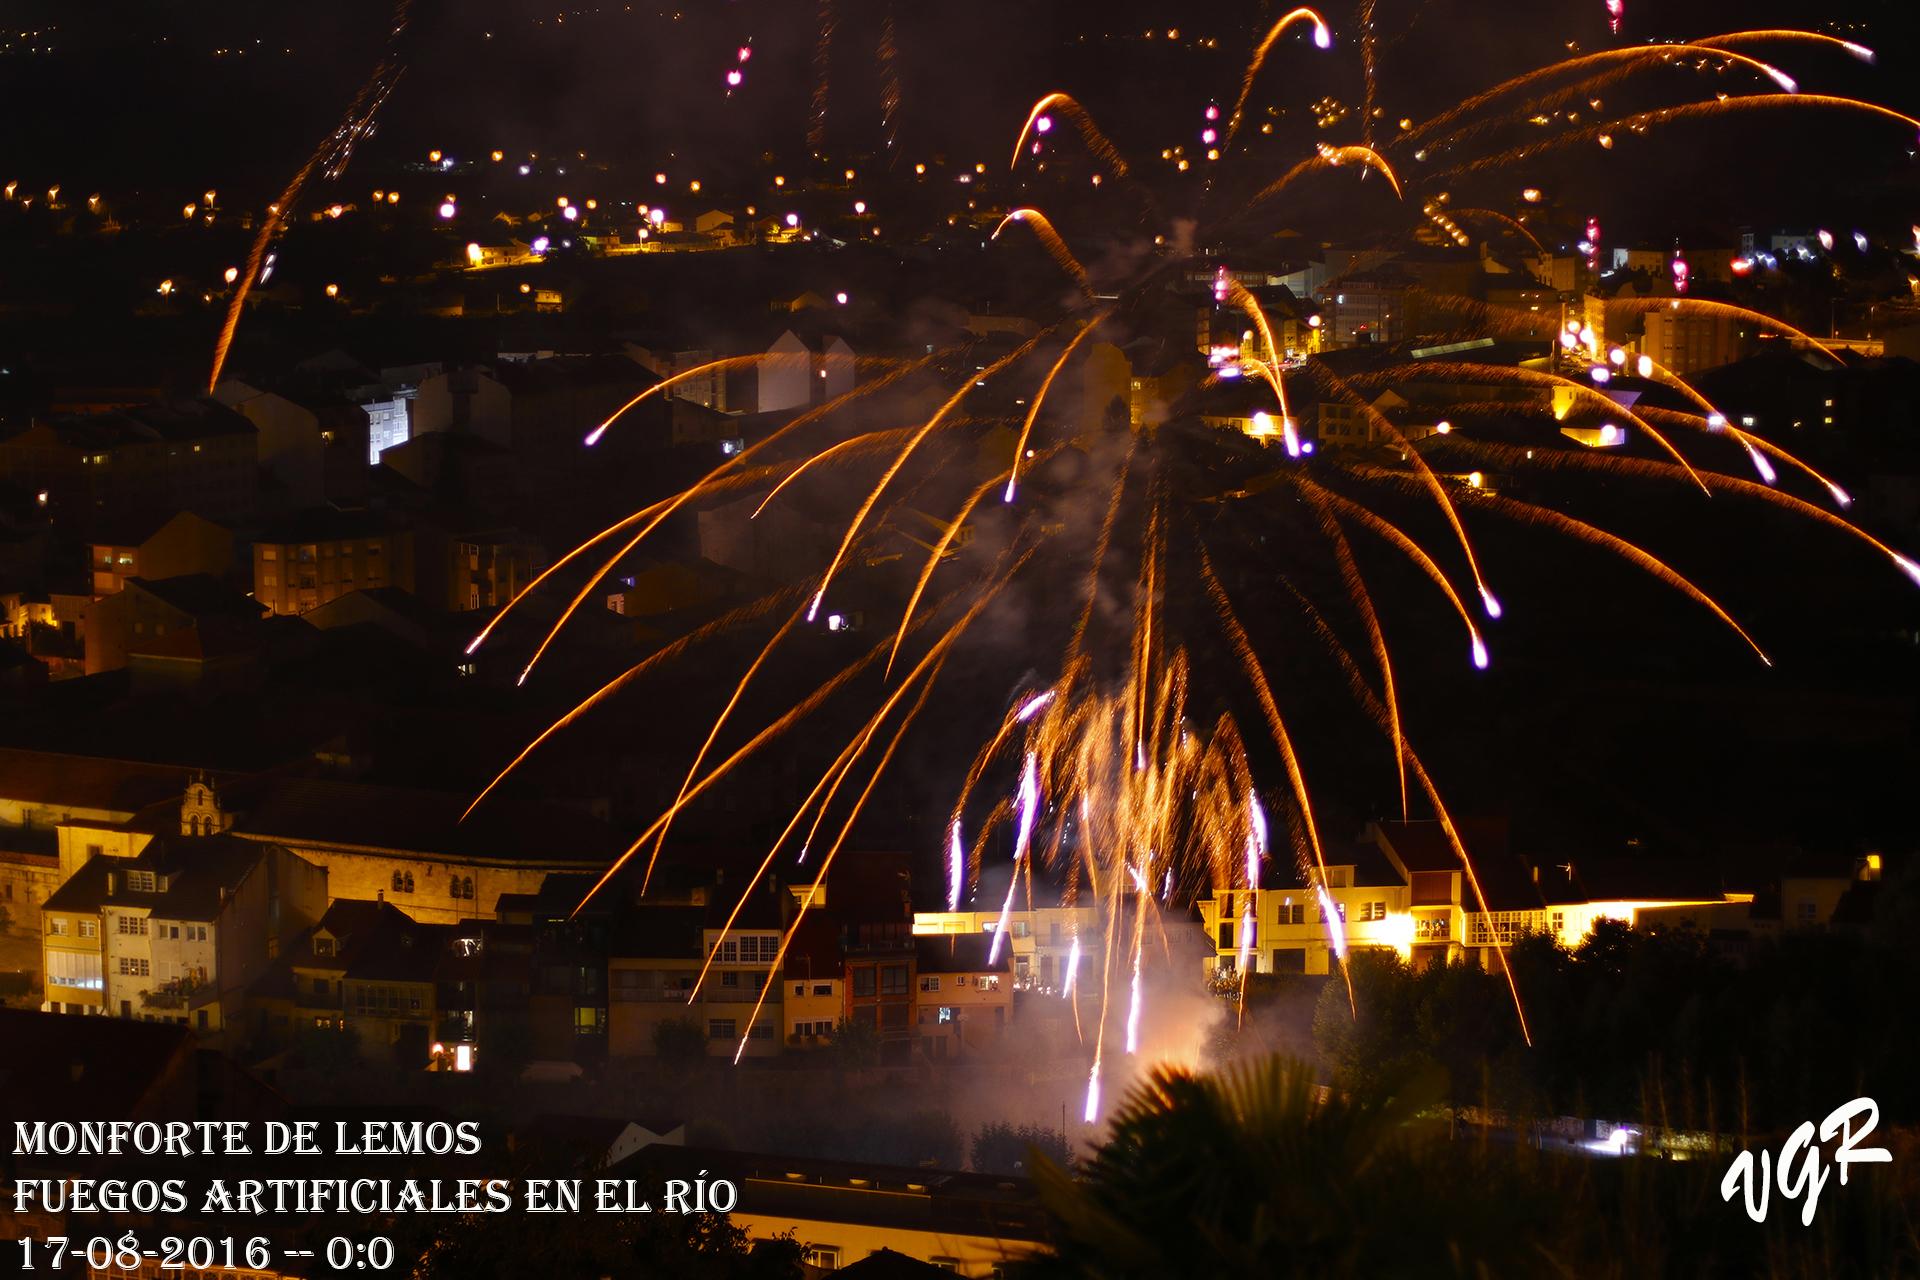 Fuegos-rio-12b